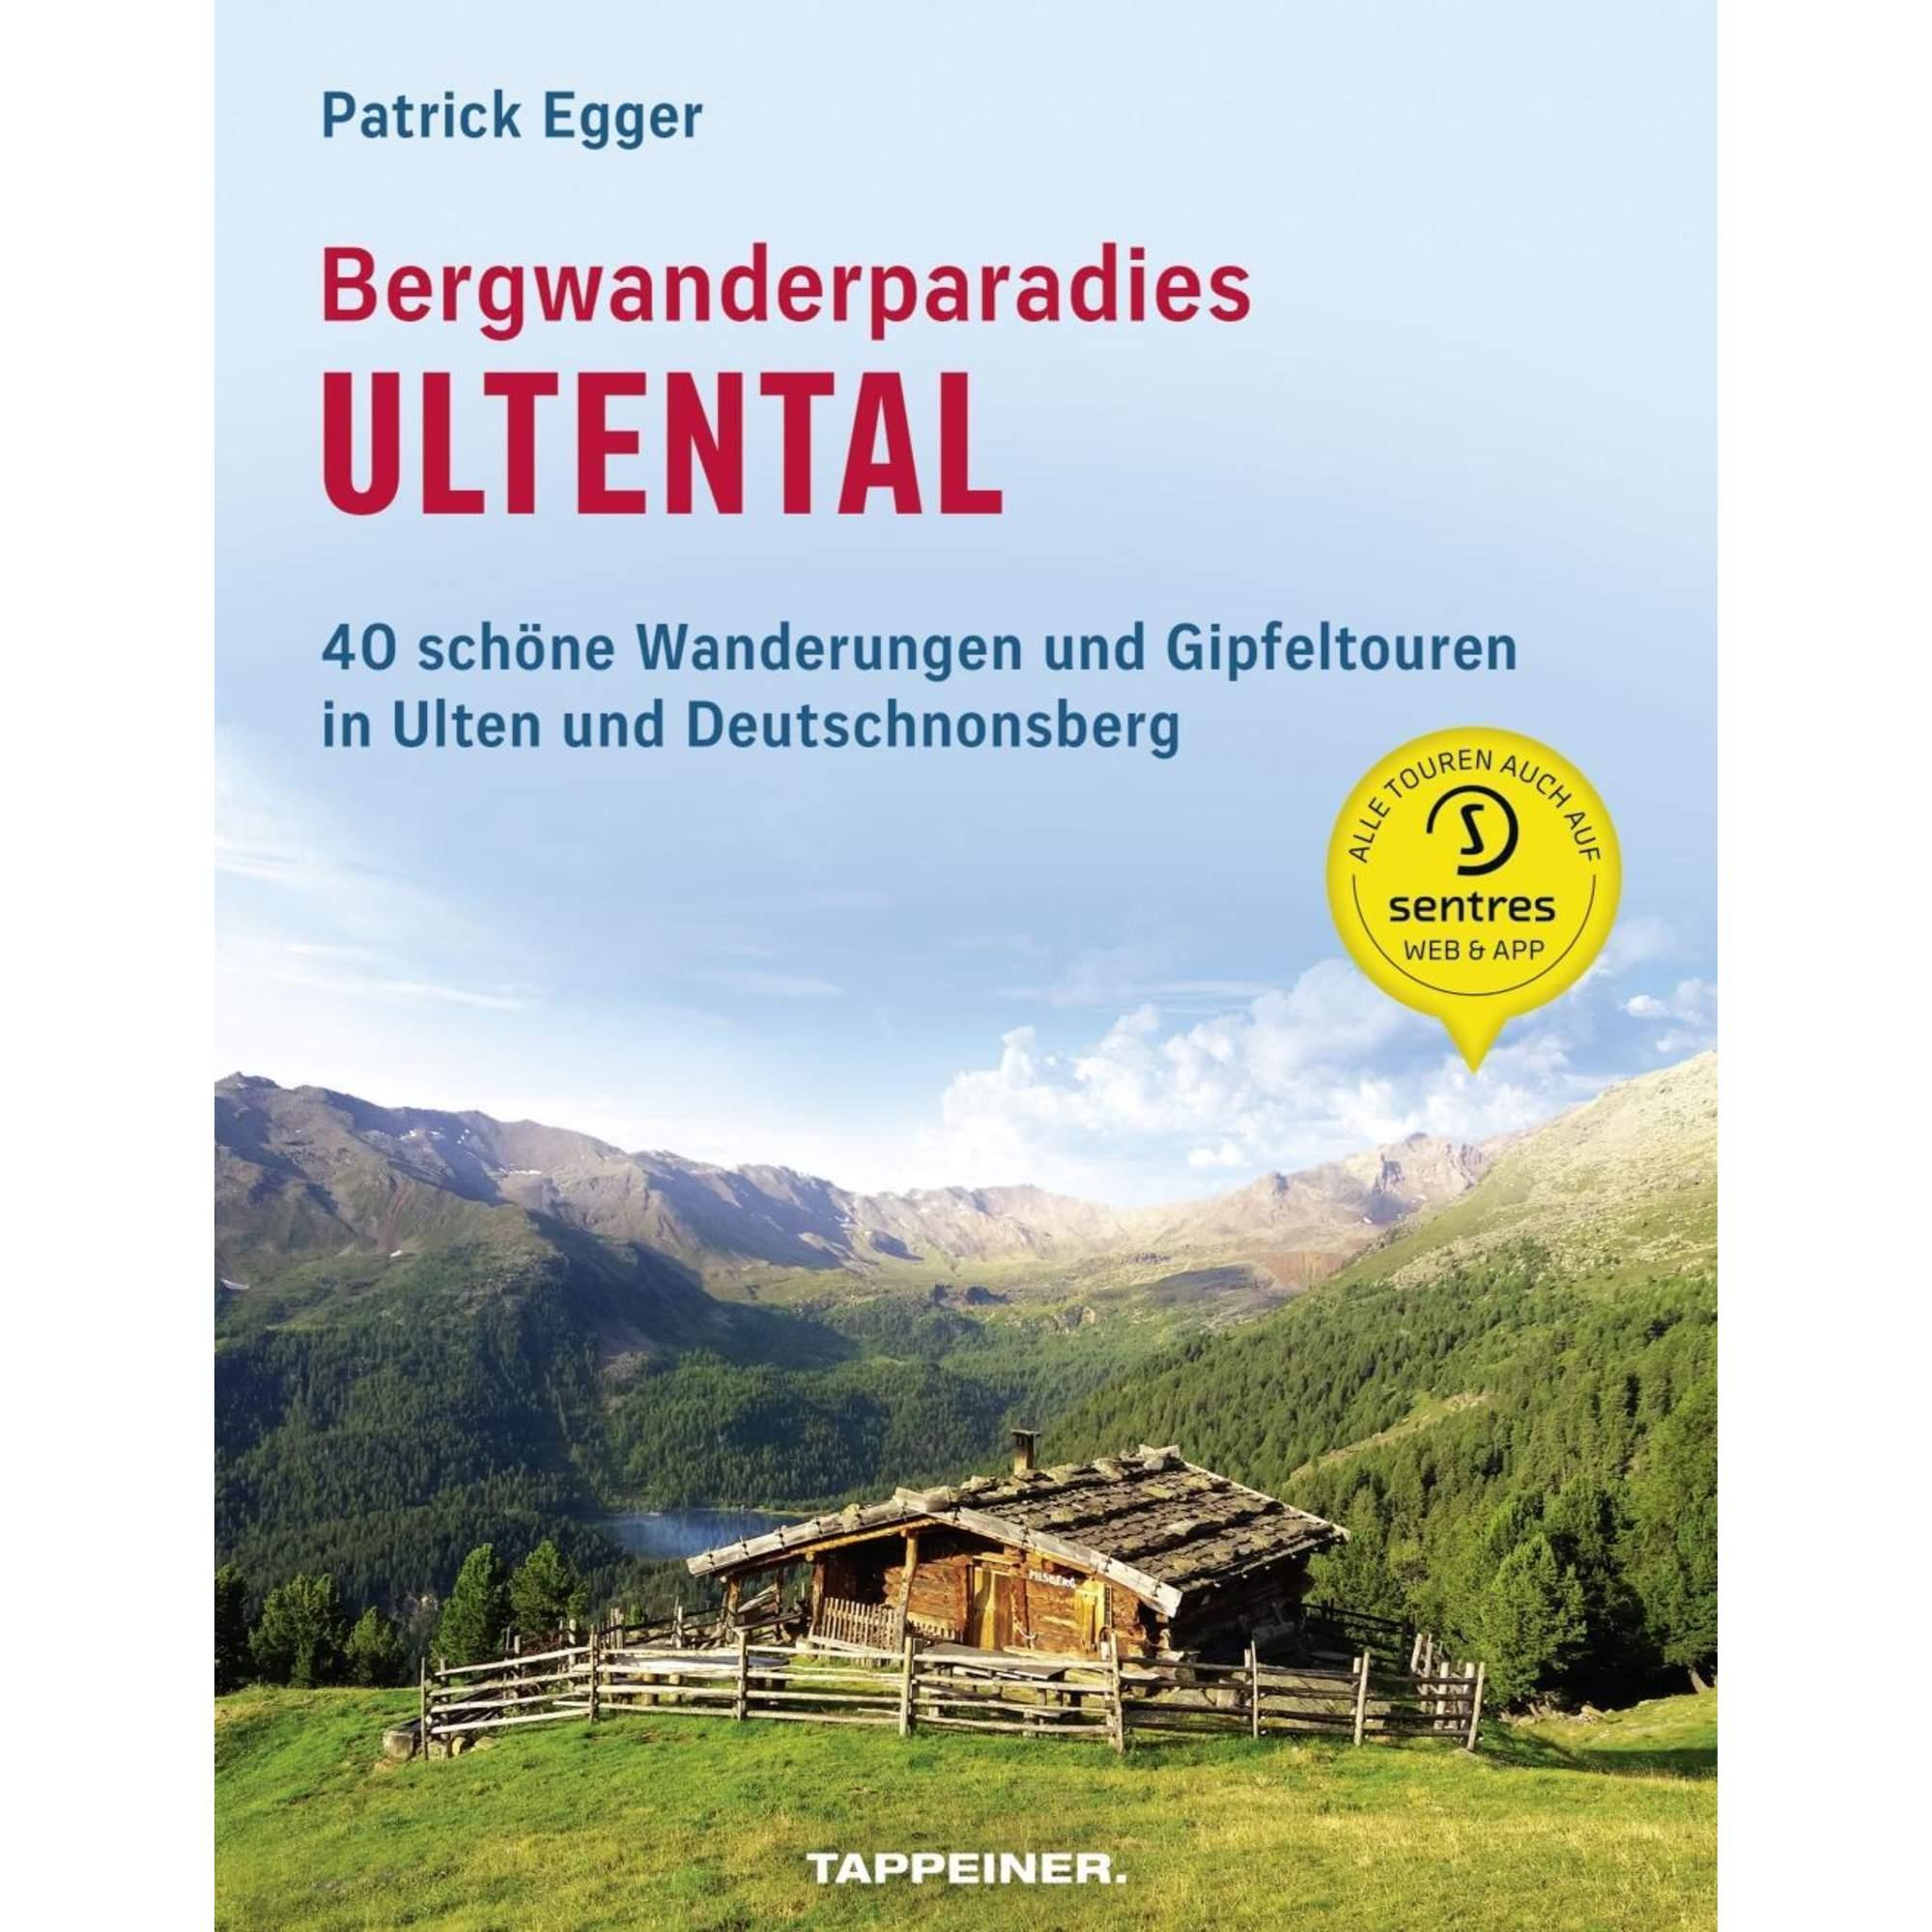 Bergwanderparadies Ultental, 24,90 Euro